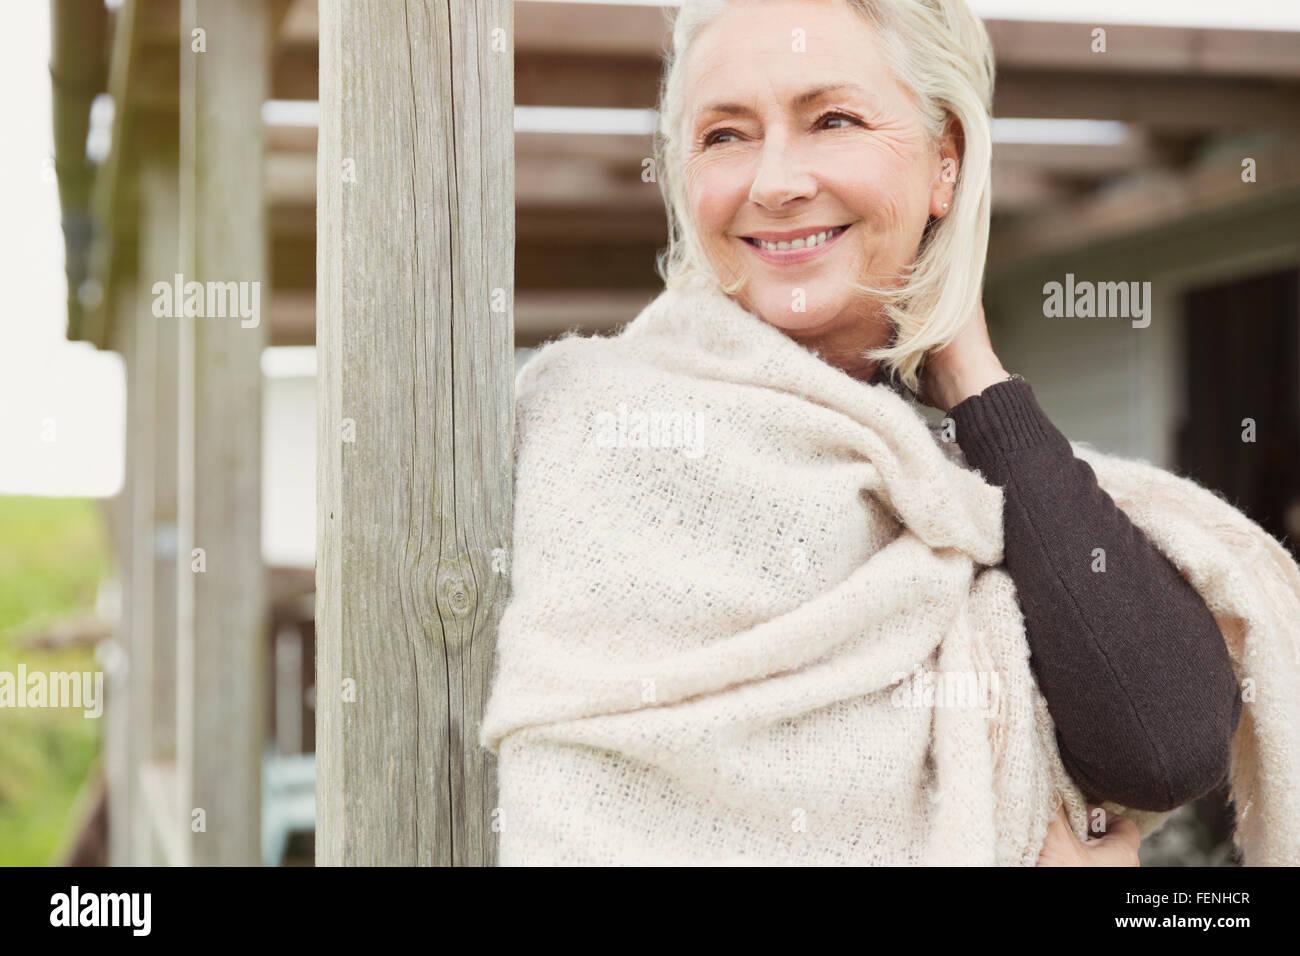 Smiling senior woman wearing shawl on porch - Stock Image